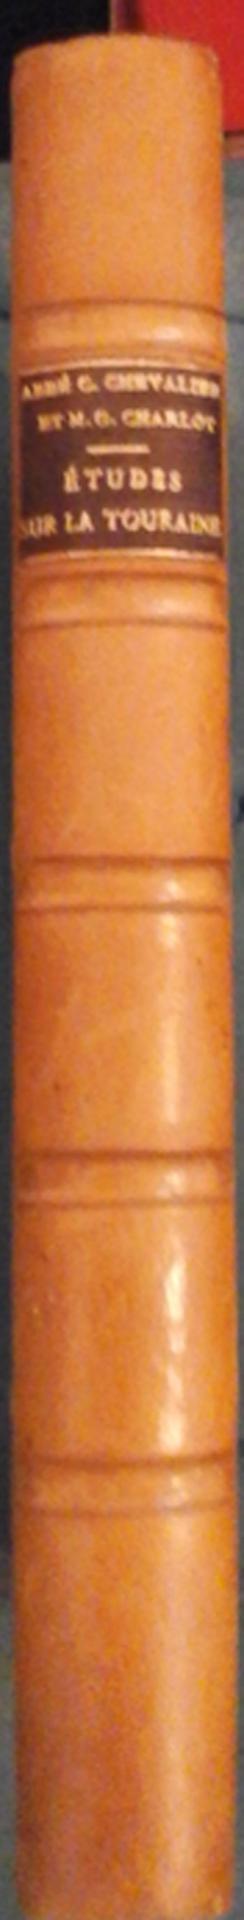 Etudessurlat1